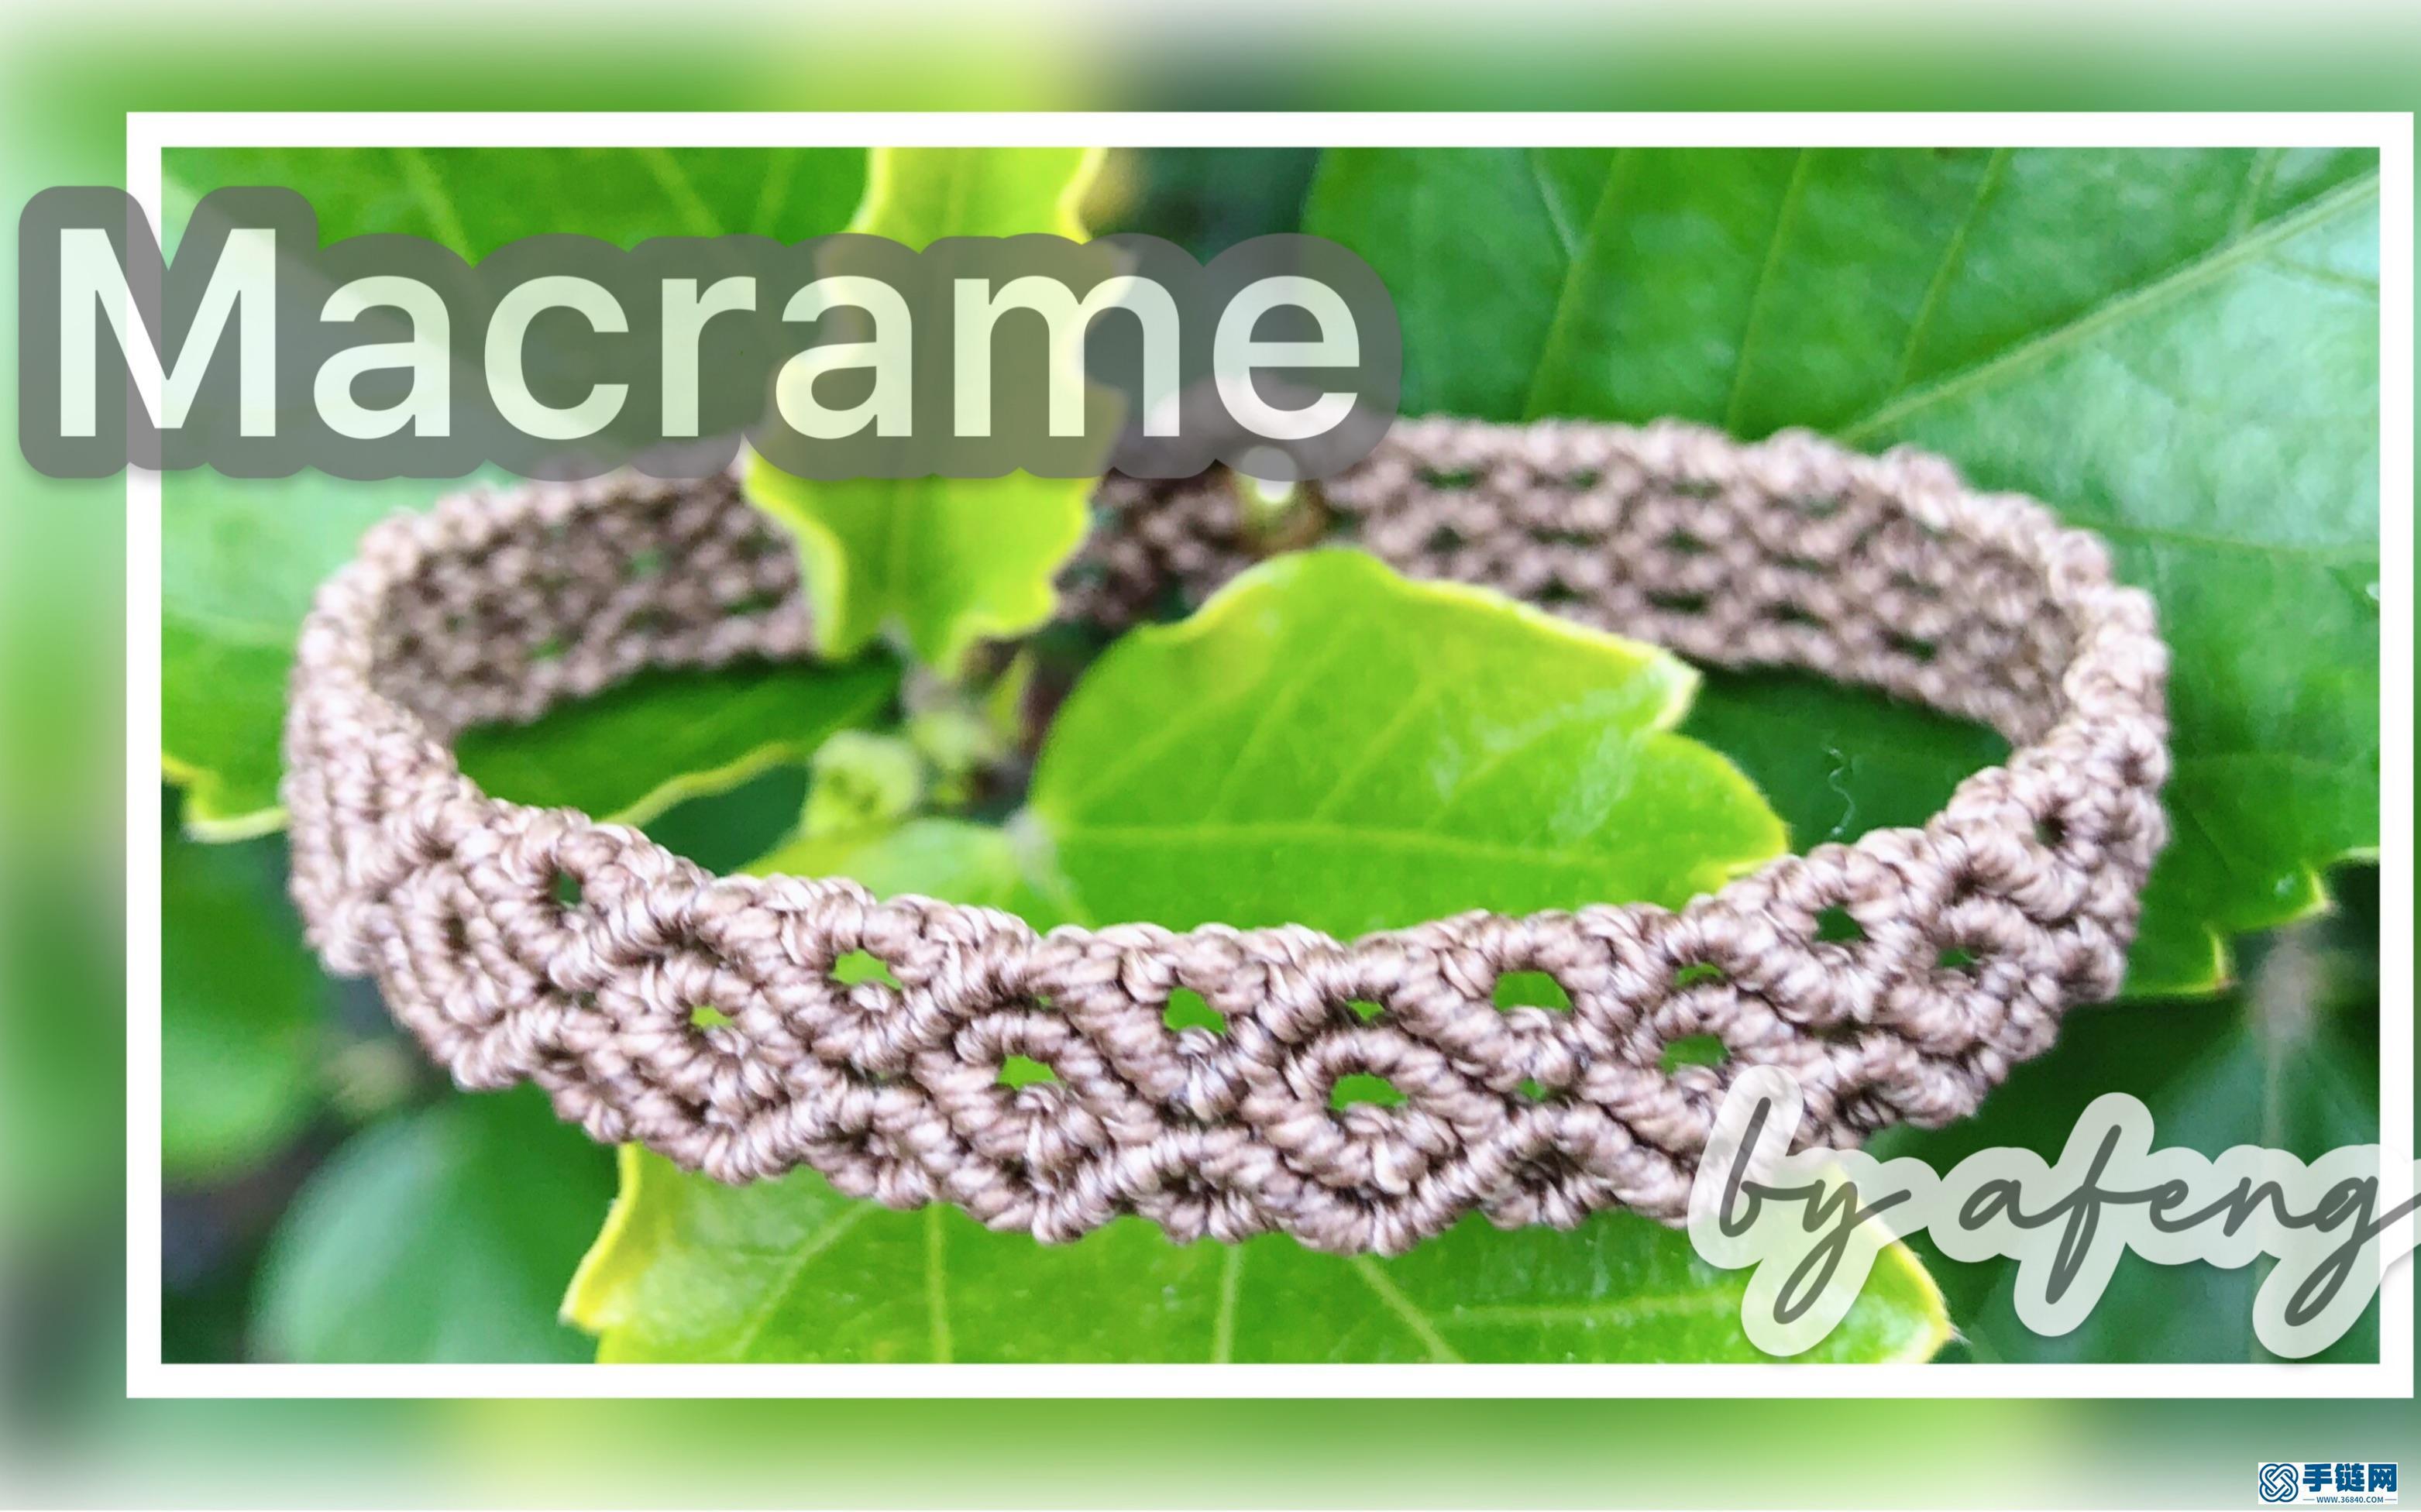 Macrame视频教程,花边手链编织视频教程